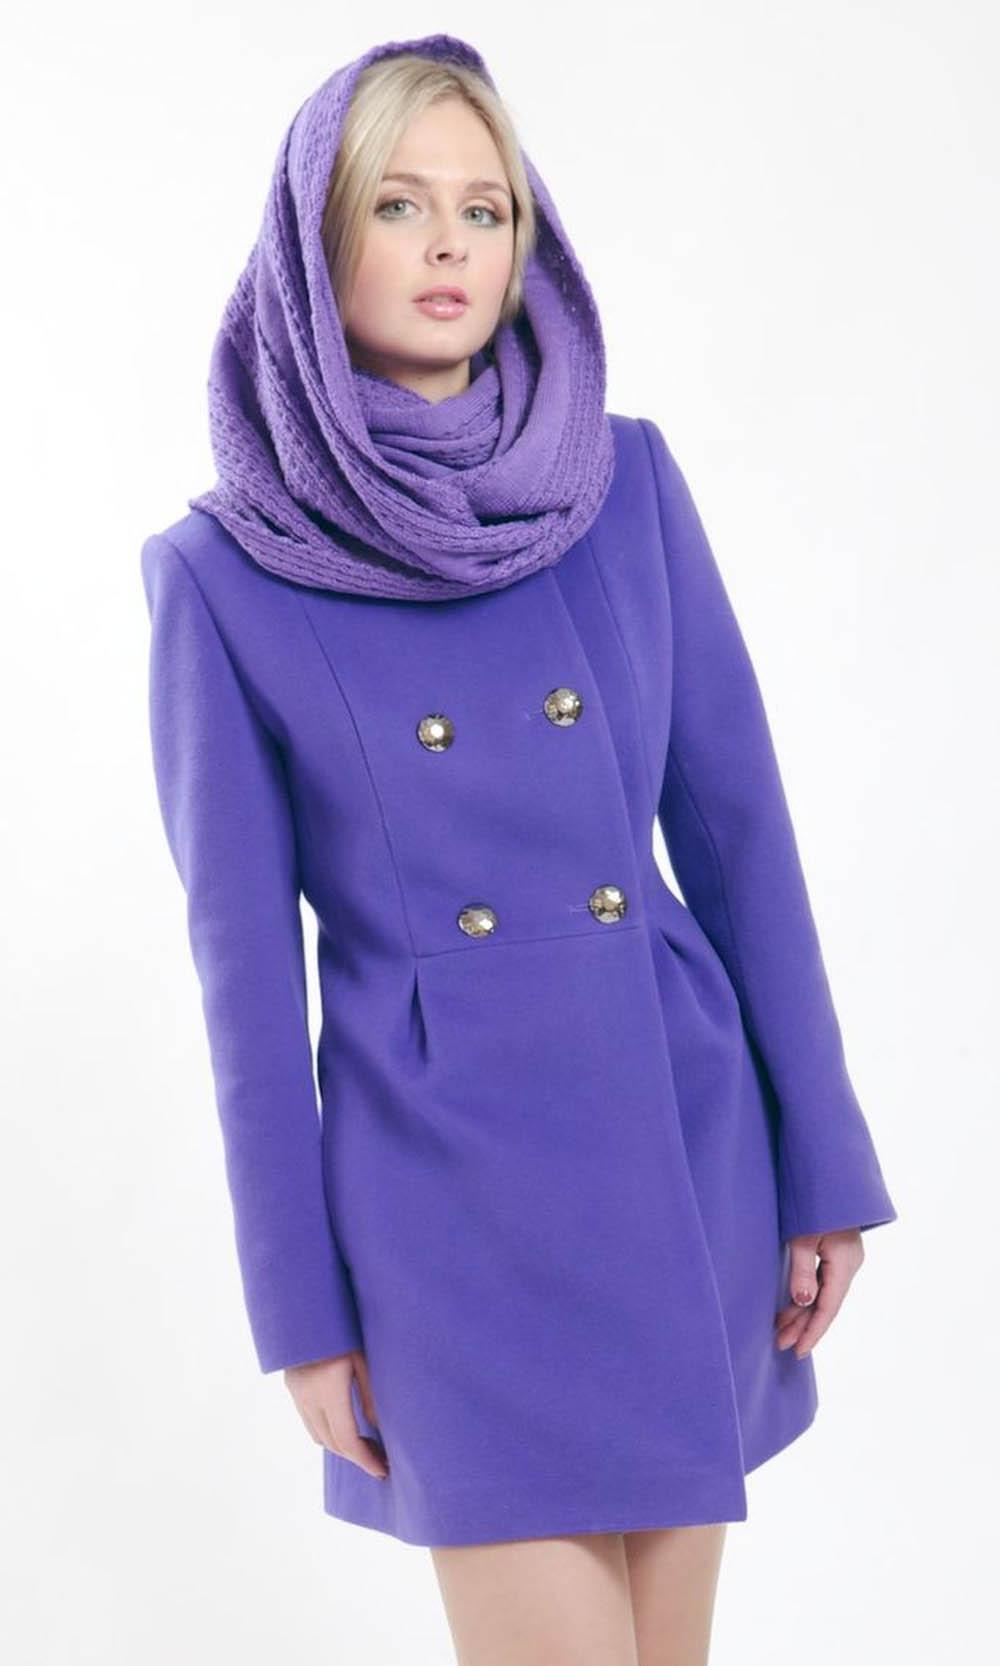 Какие шарфы подходят к пальто